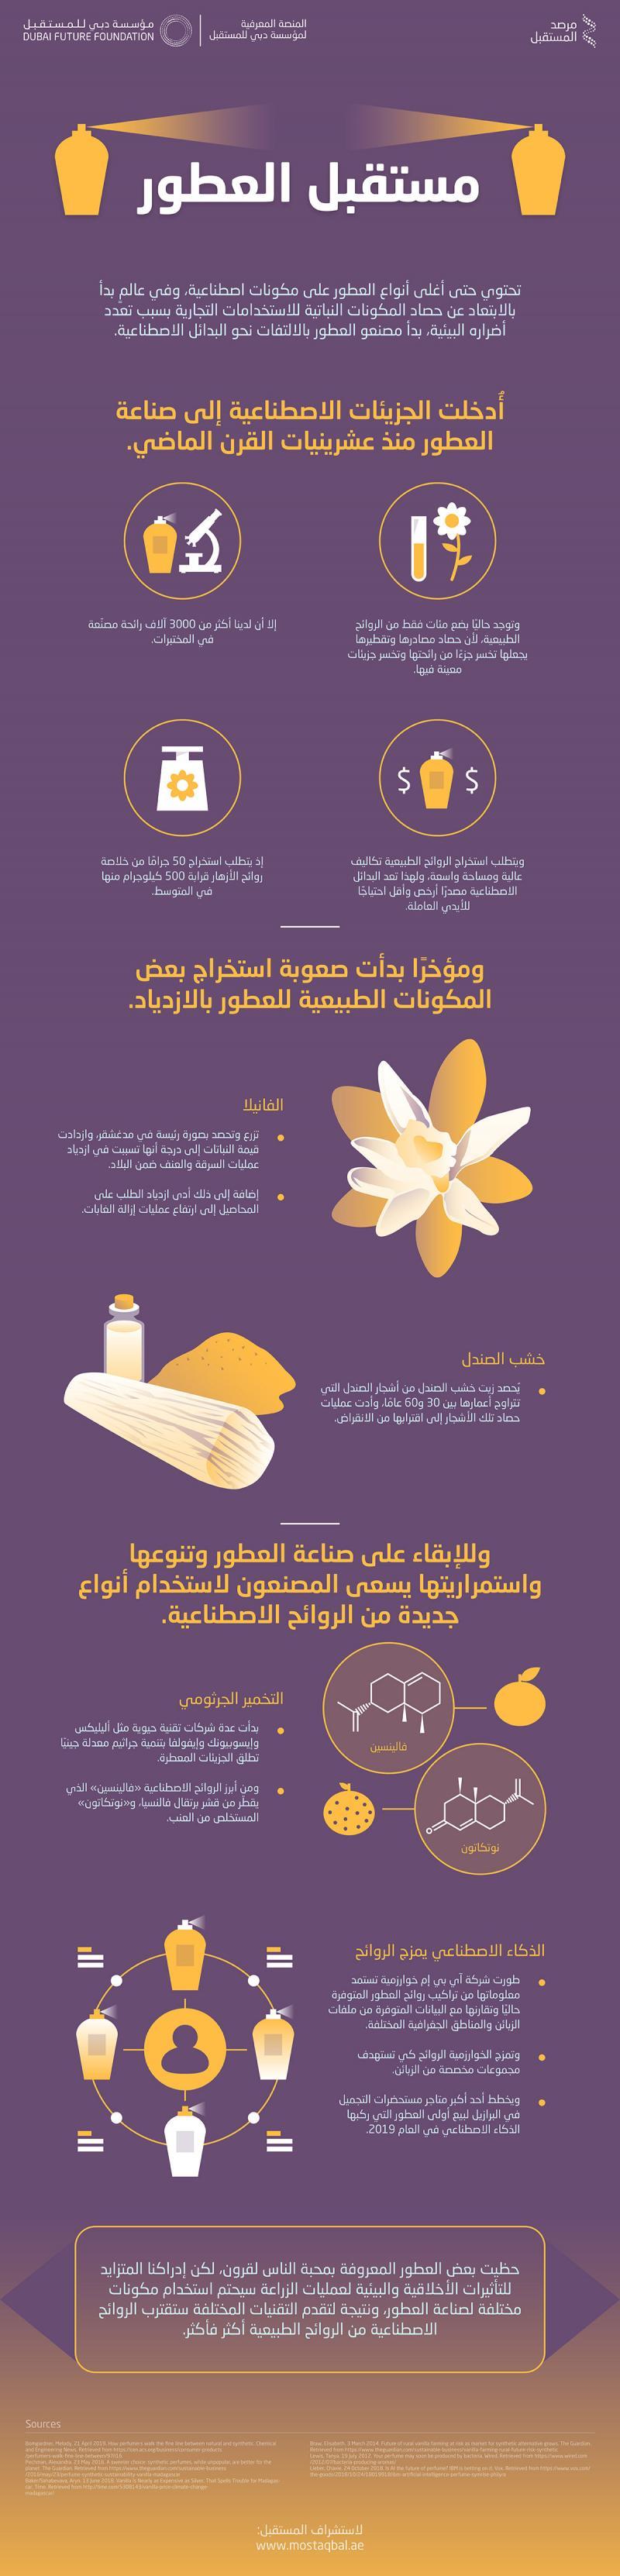 مستقبل العطور #انفوجرافيك #انفوجرافيك_عربي